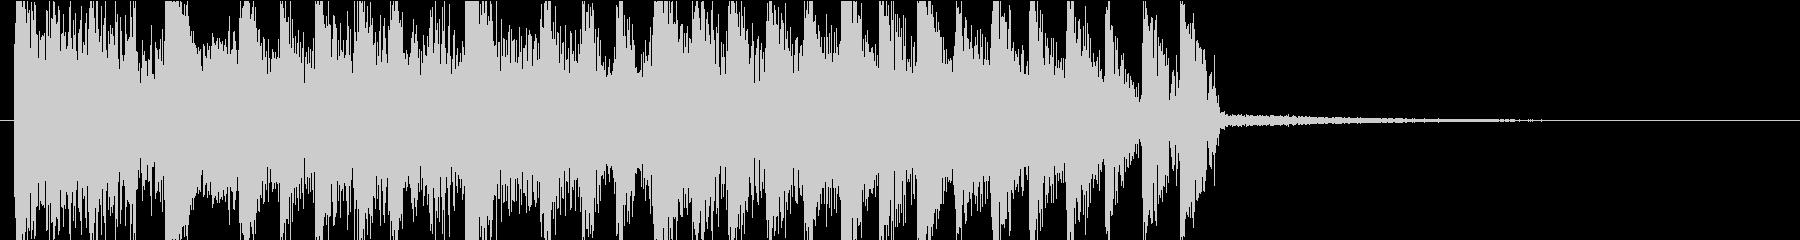 暗くて不気味なビッグビートのトラッ...の未再生の波形